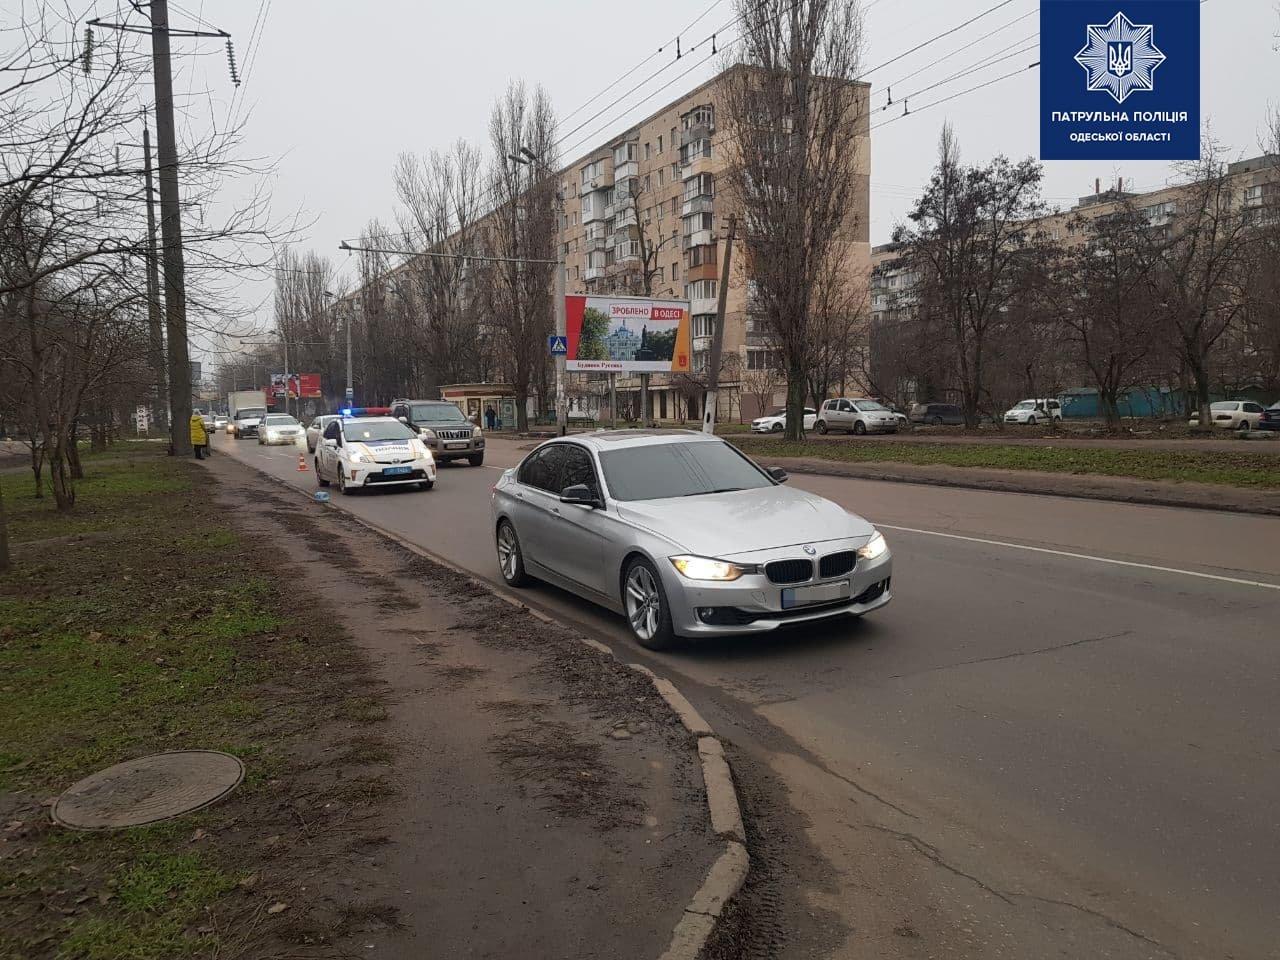 В Одессе в Киевском районе сбили пешехода, - ФОТО, фото-11